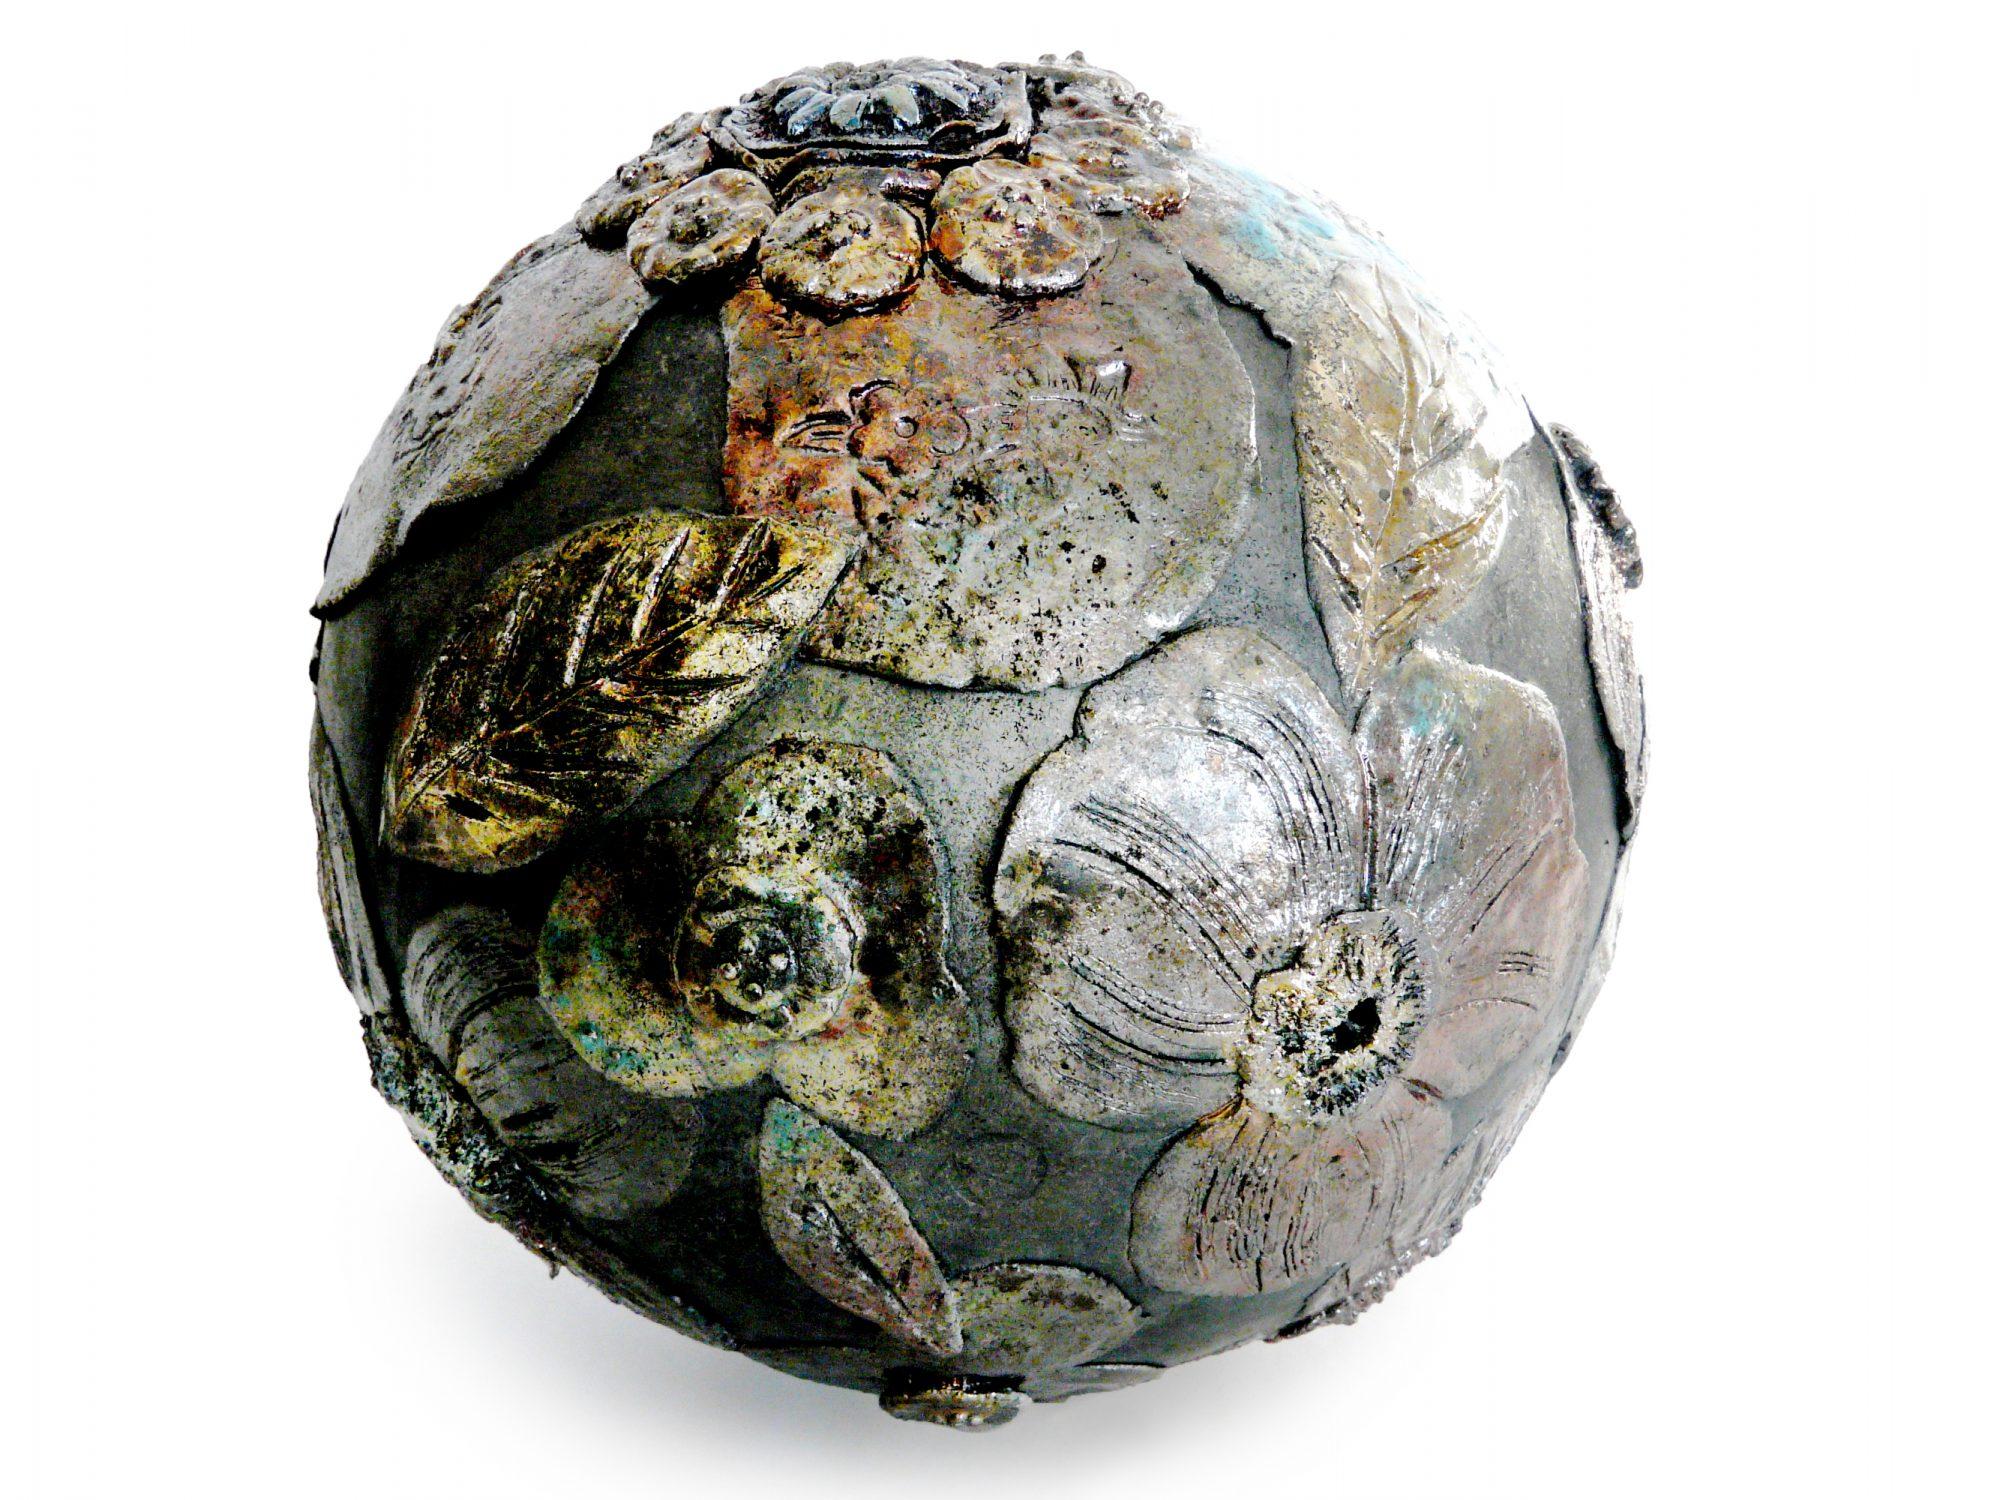 Moon d'hiver - ø : 24 CM - Grès - Raku - Gravure et relief - Nitrate d'argent - Sculptures céramique de Florence Lemiegre